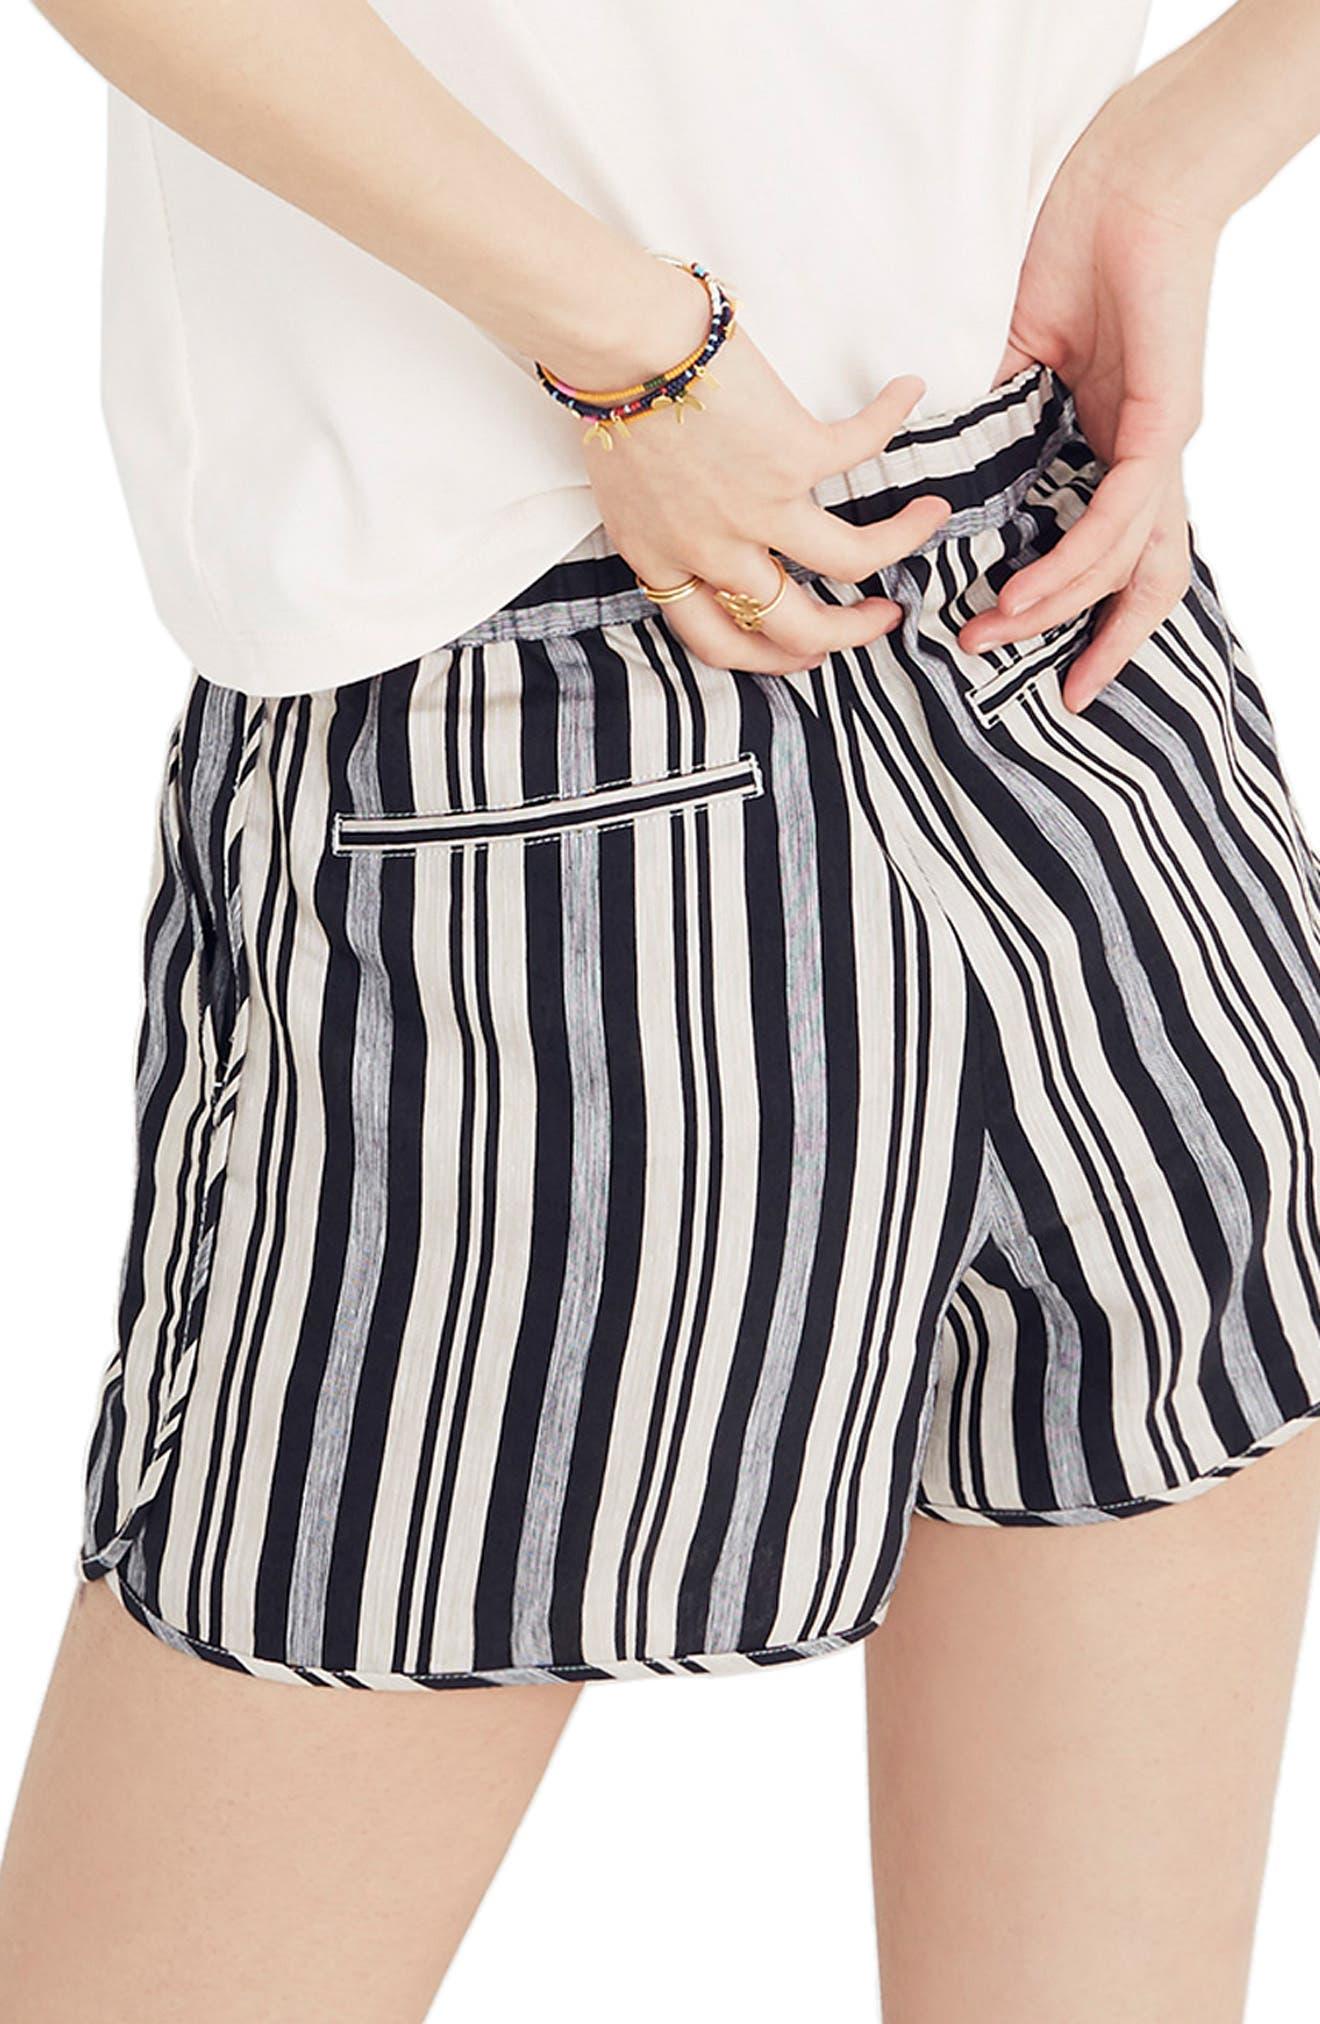 Stripe Pull-On Shorts,                             Alternate thumbnail 2, color,                             STONE